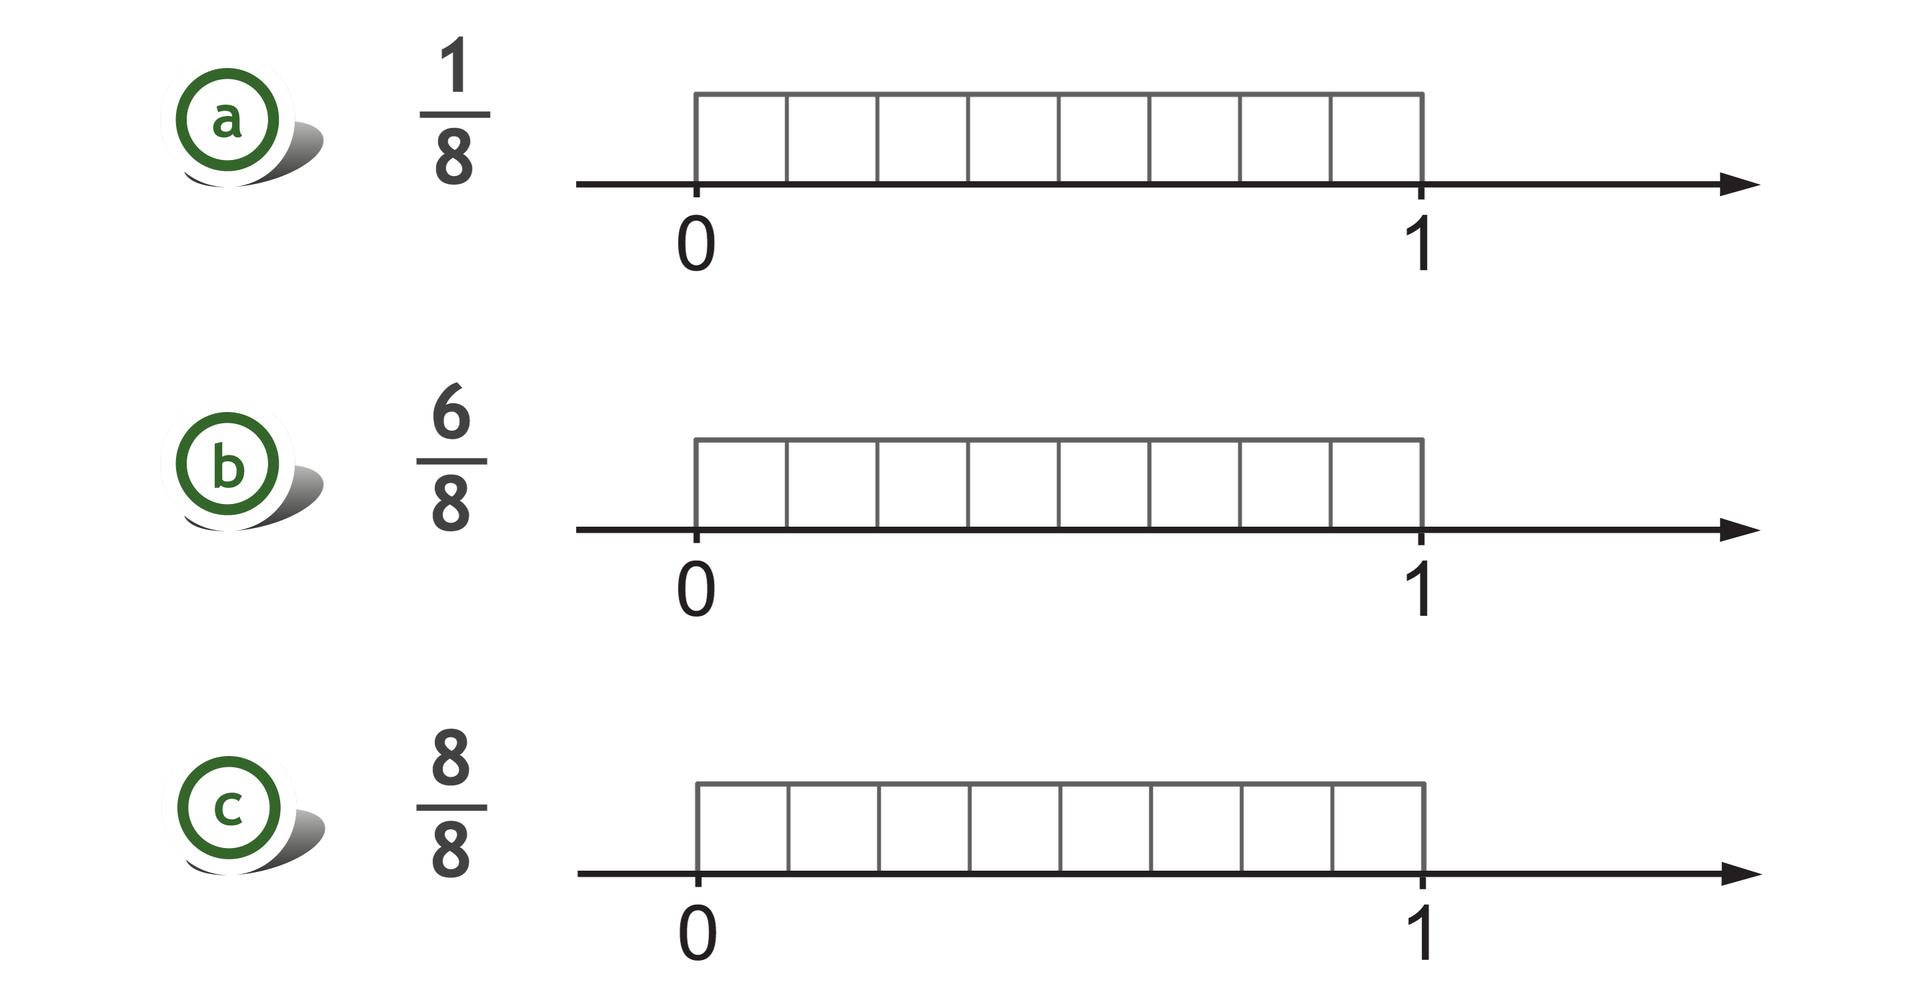 Rysunek trzech osi liczbowych zzaznaczonymi punktami 0 i1. Nad każdą zosi, pomiędzy punktami 0 i1, zaznaczony prostokąt, podzielony na 8 równych części. Przy osiach podane ułamki: jedna ósma, sześć ósmych iosiem ósmych.